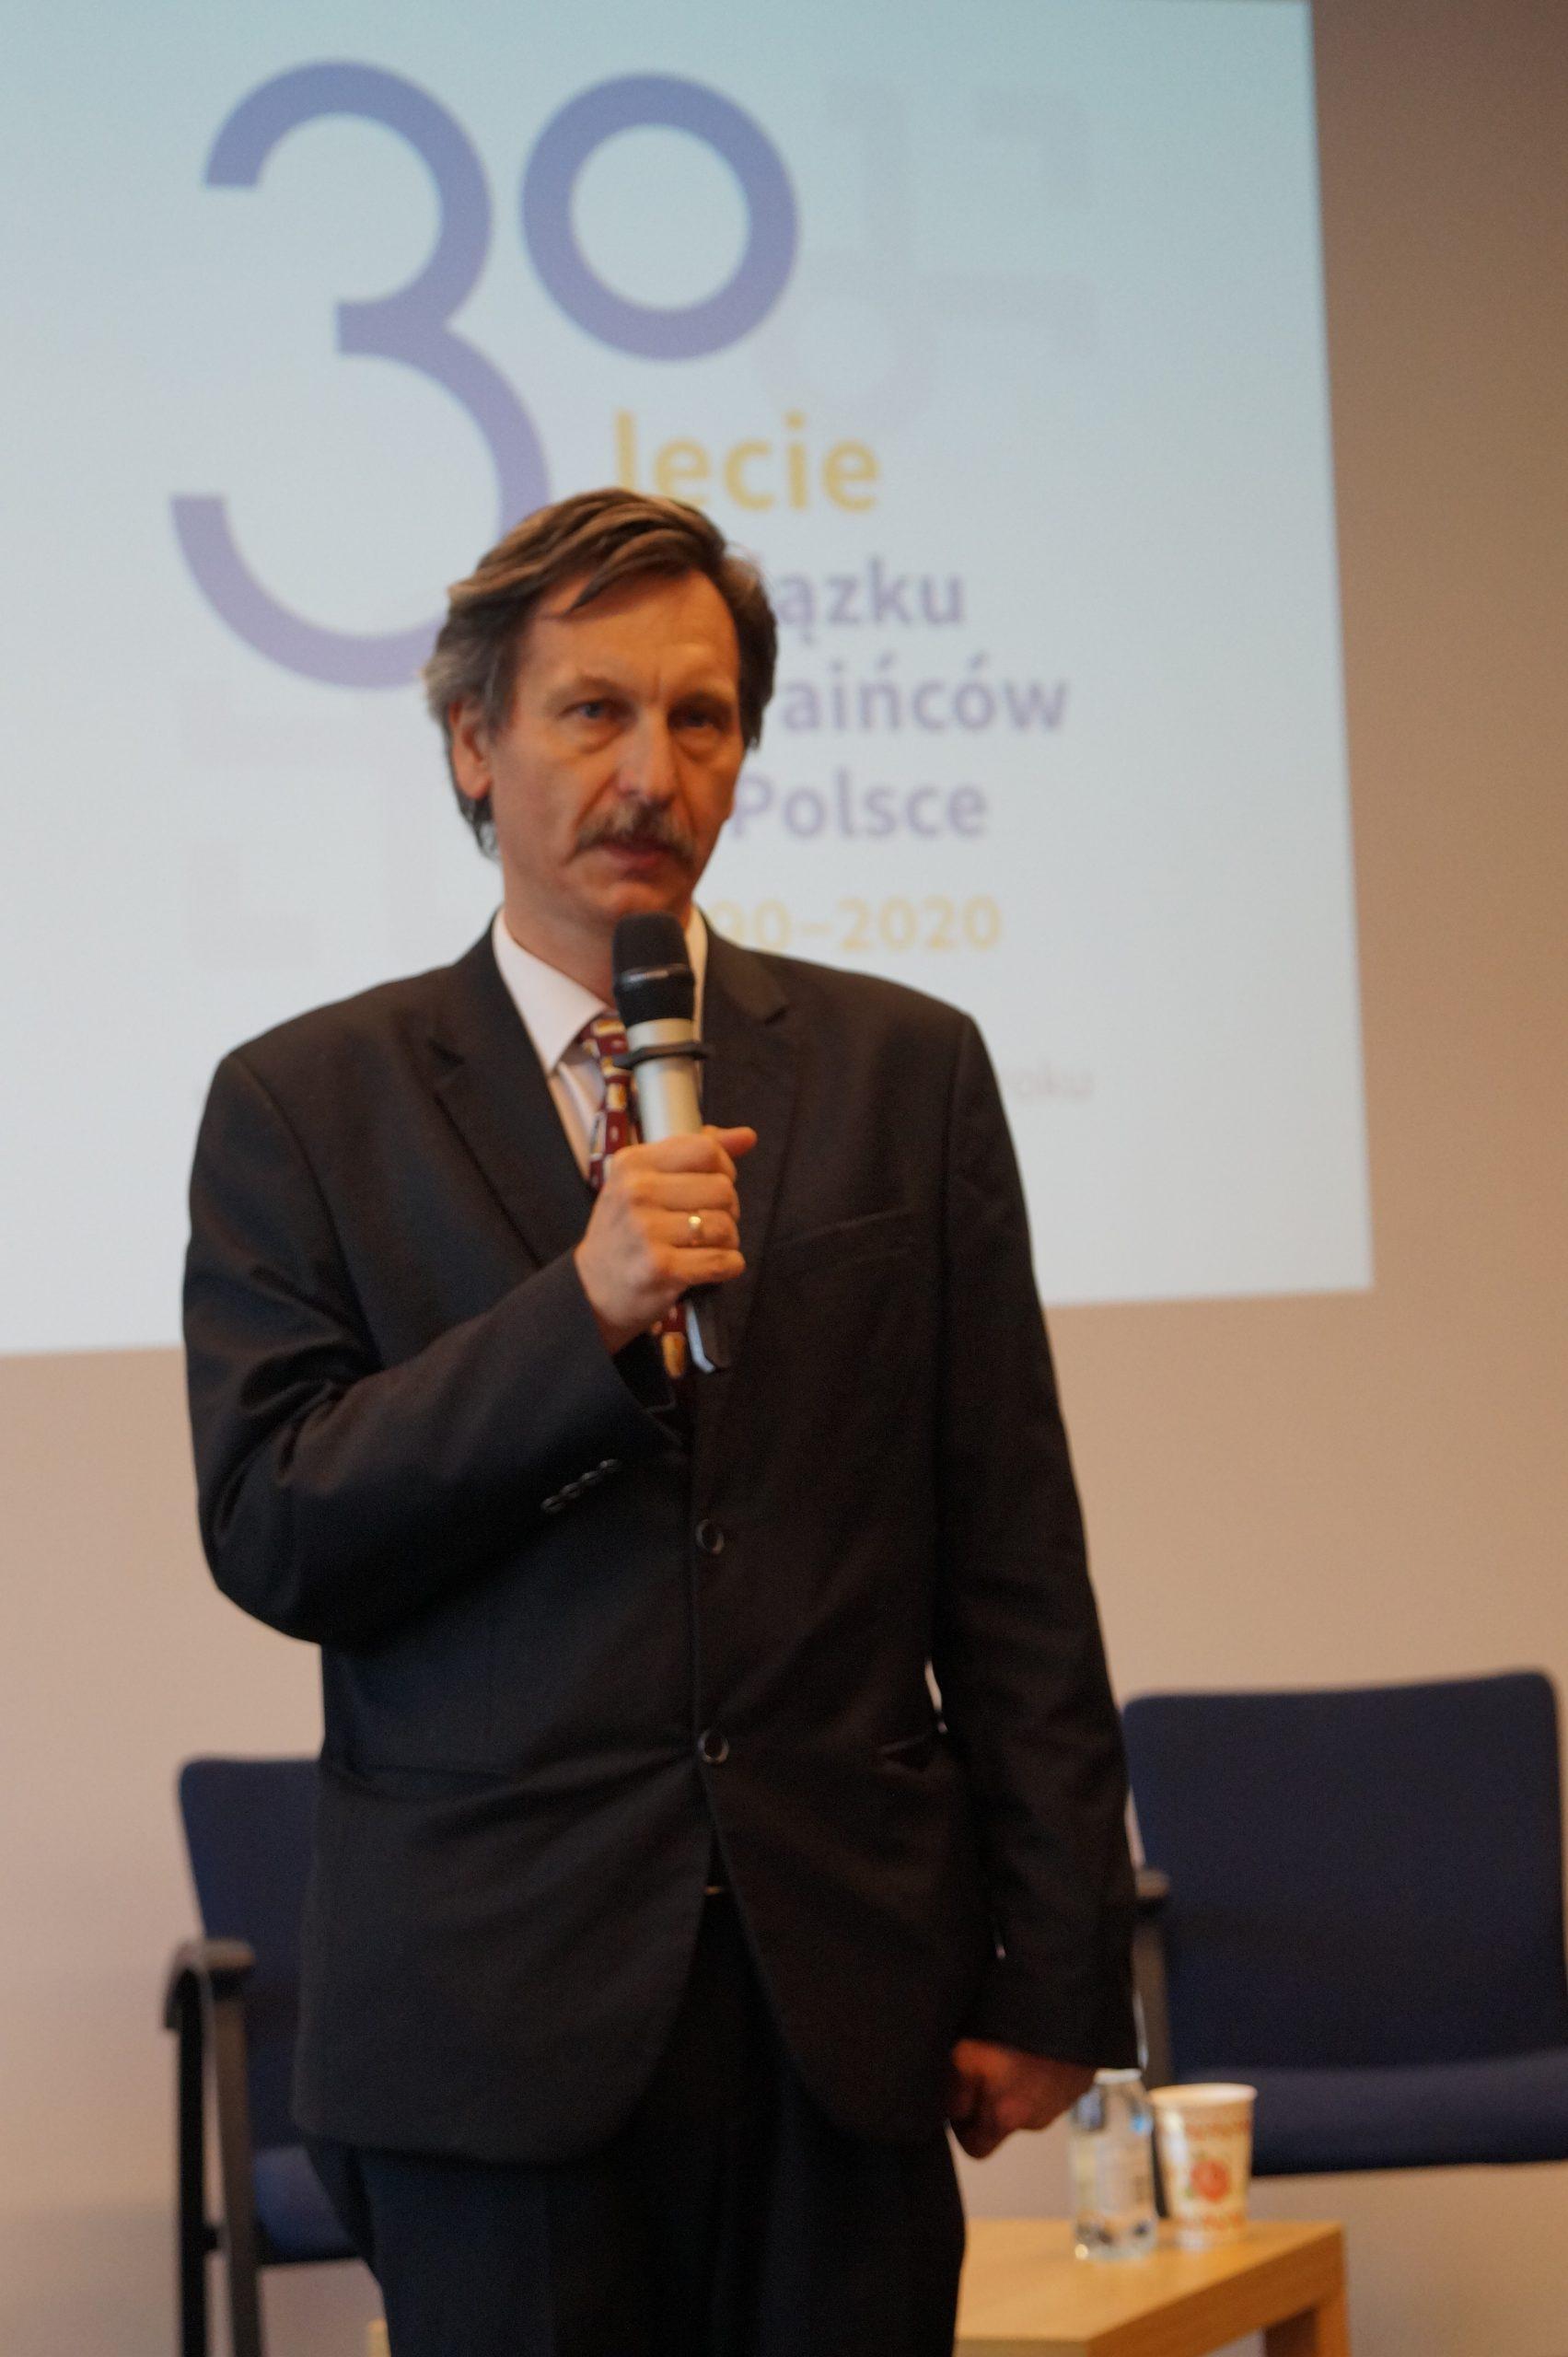 Директор ПНІ на конференції з нагоди 30-ліття Об'єднання українців у Польщі